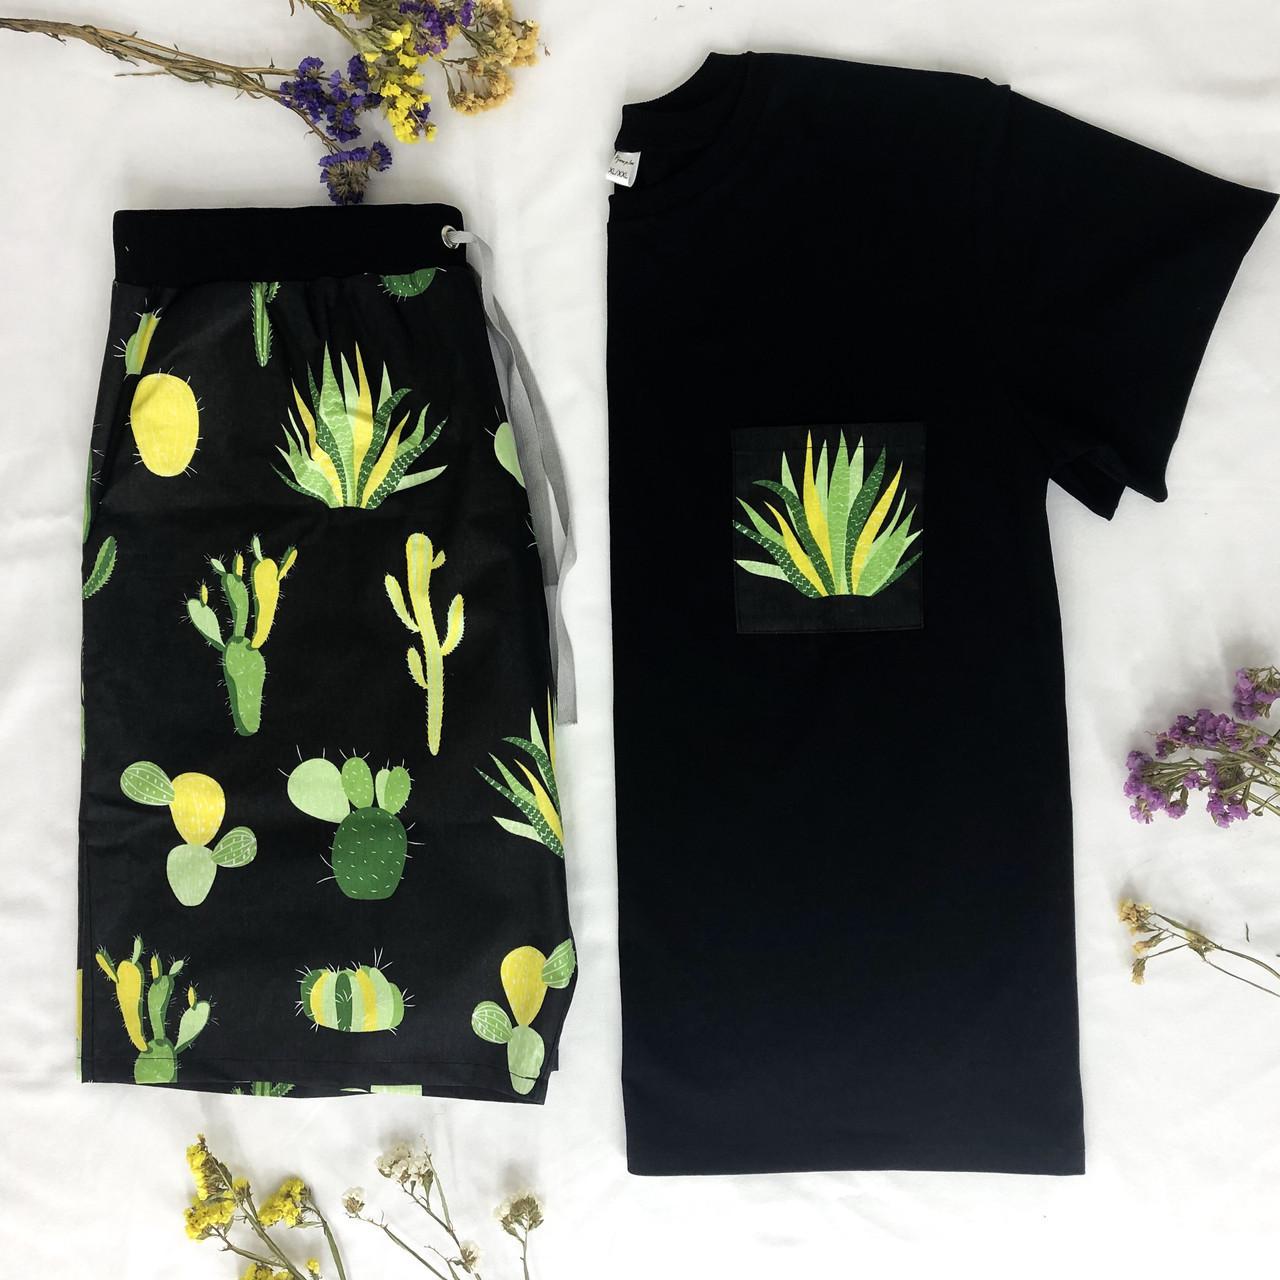 Мужской домашний костюм, мужская пижама (футболка и шорты) черная Кактусы, размер XL